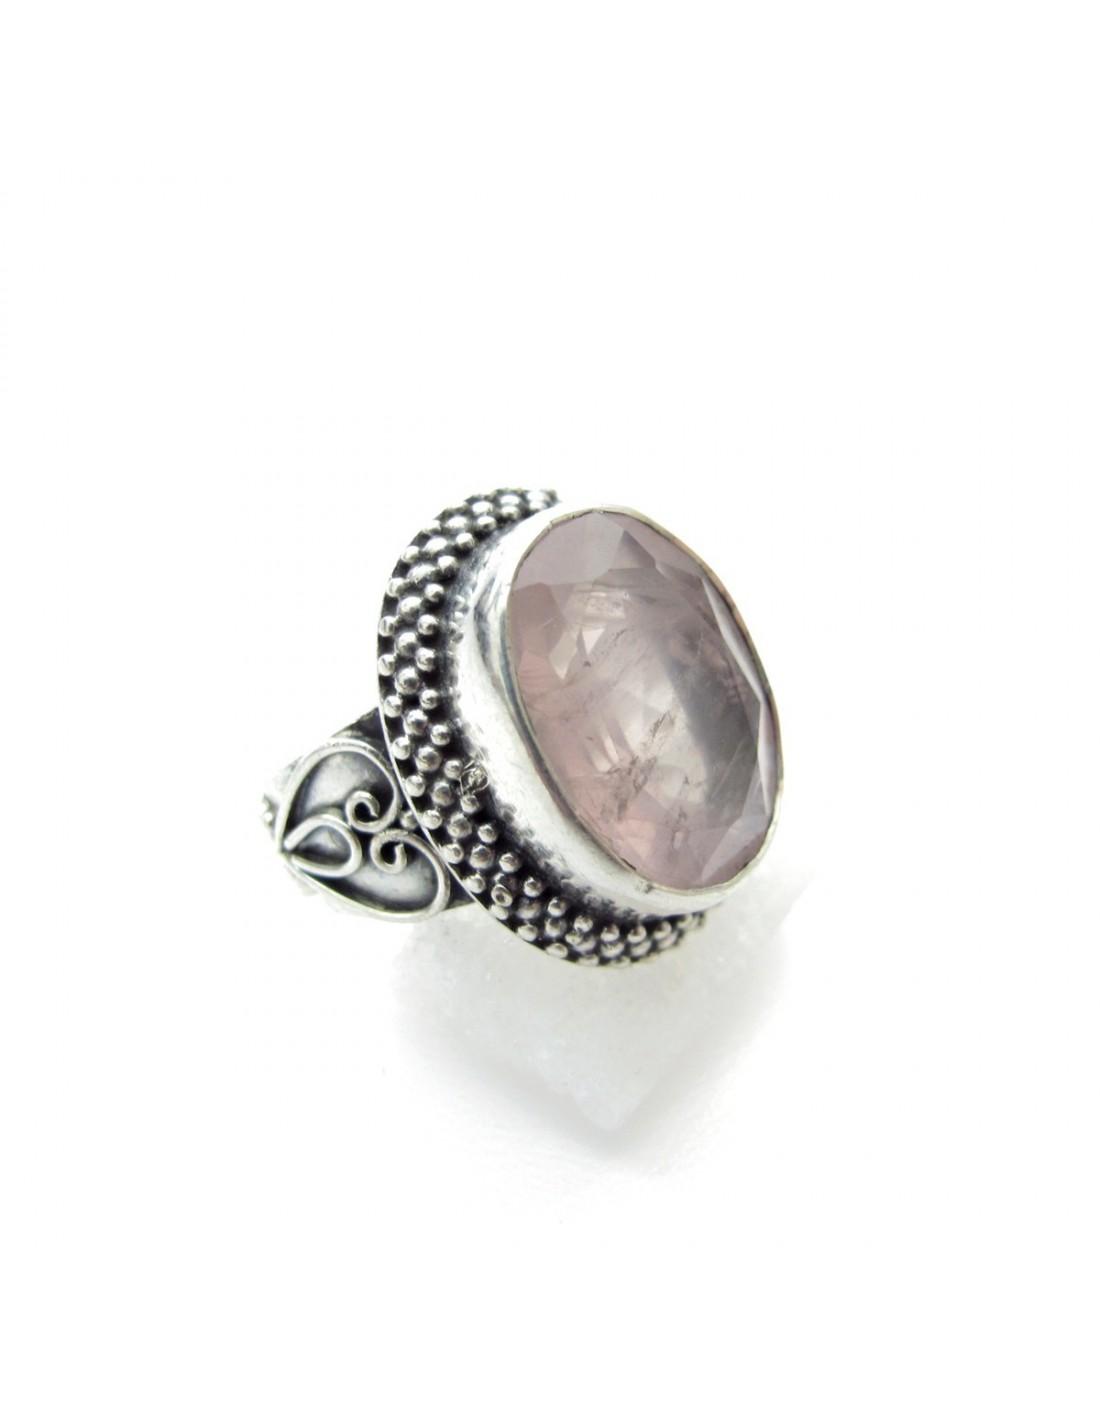 Bijoux Argent Quartz Rose : Bague argent cisel?e et quartz rose taill? bijoux